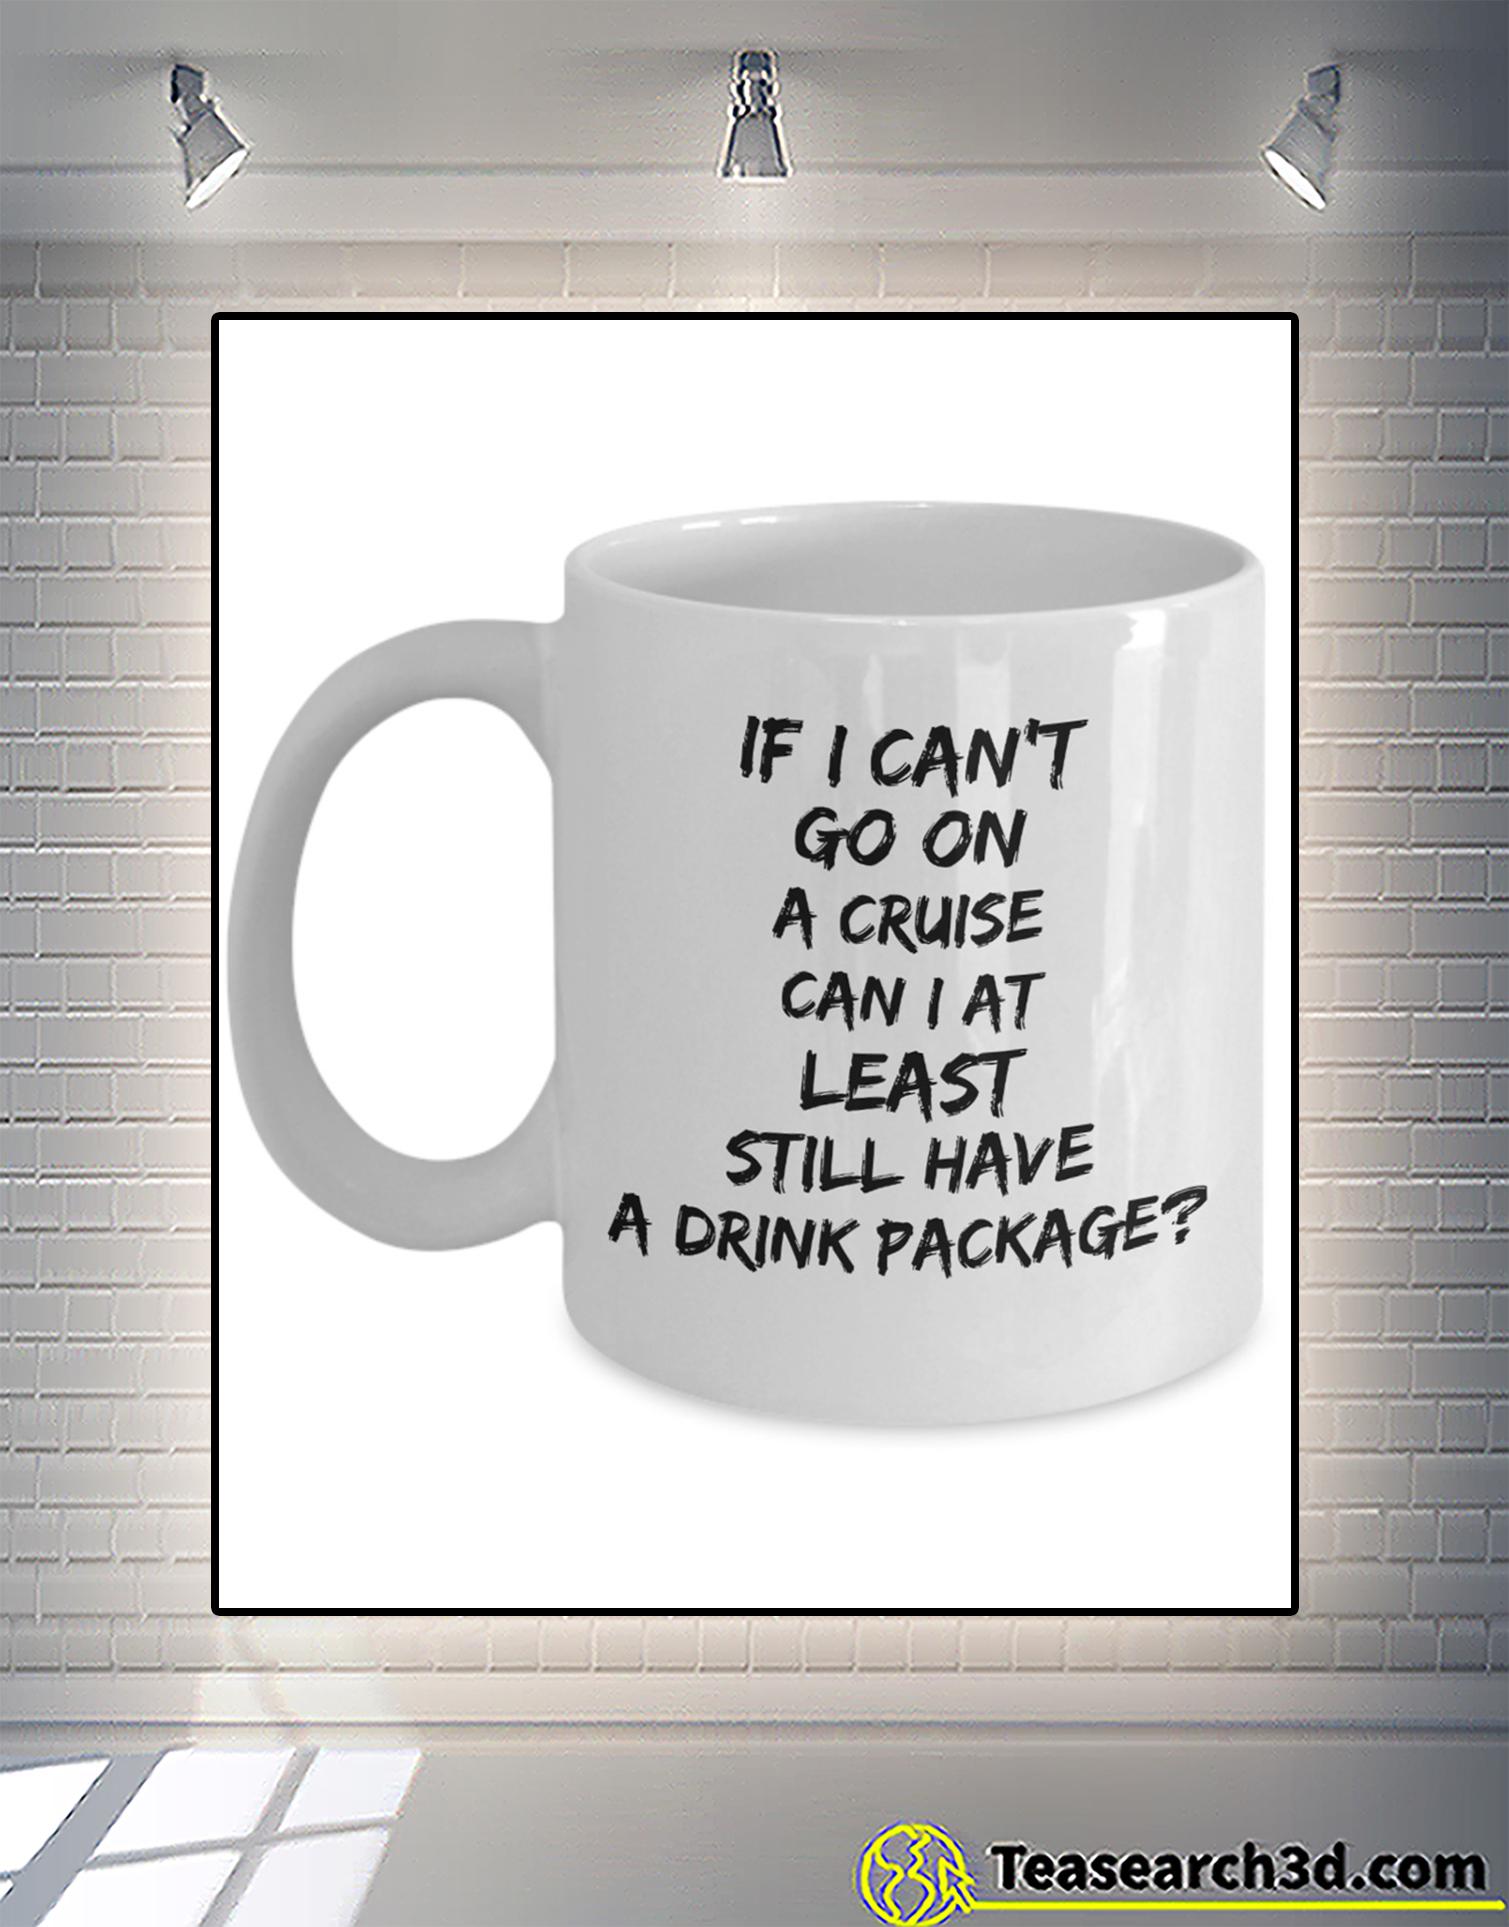 If I can't go on a cruise can I at least still have a drink package mug